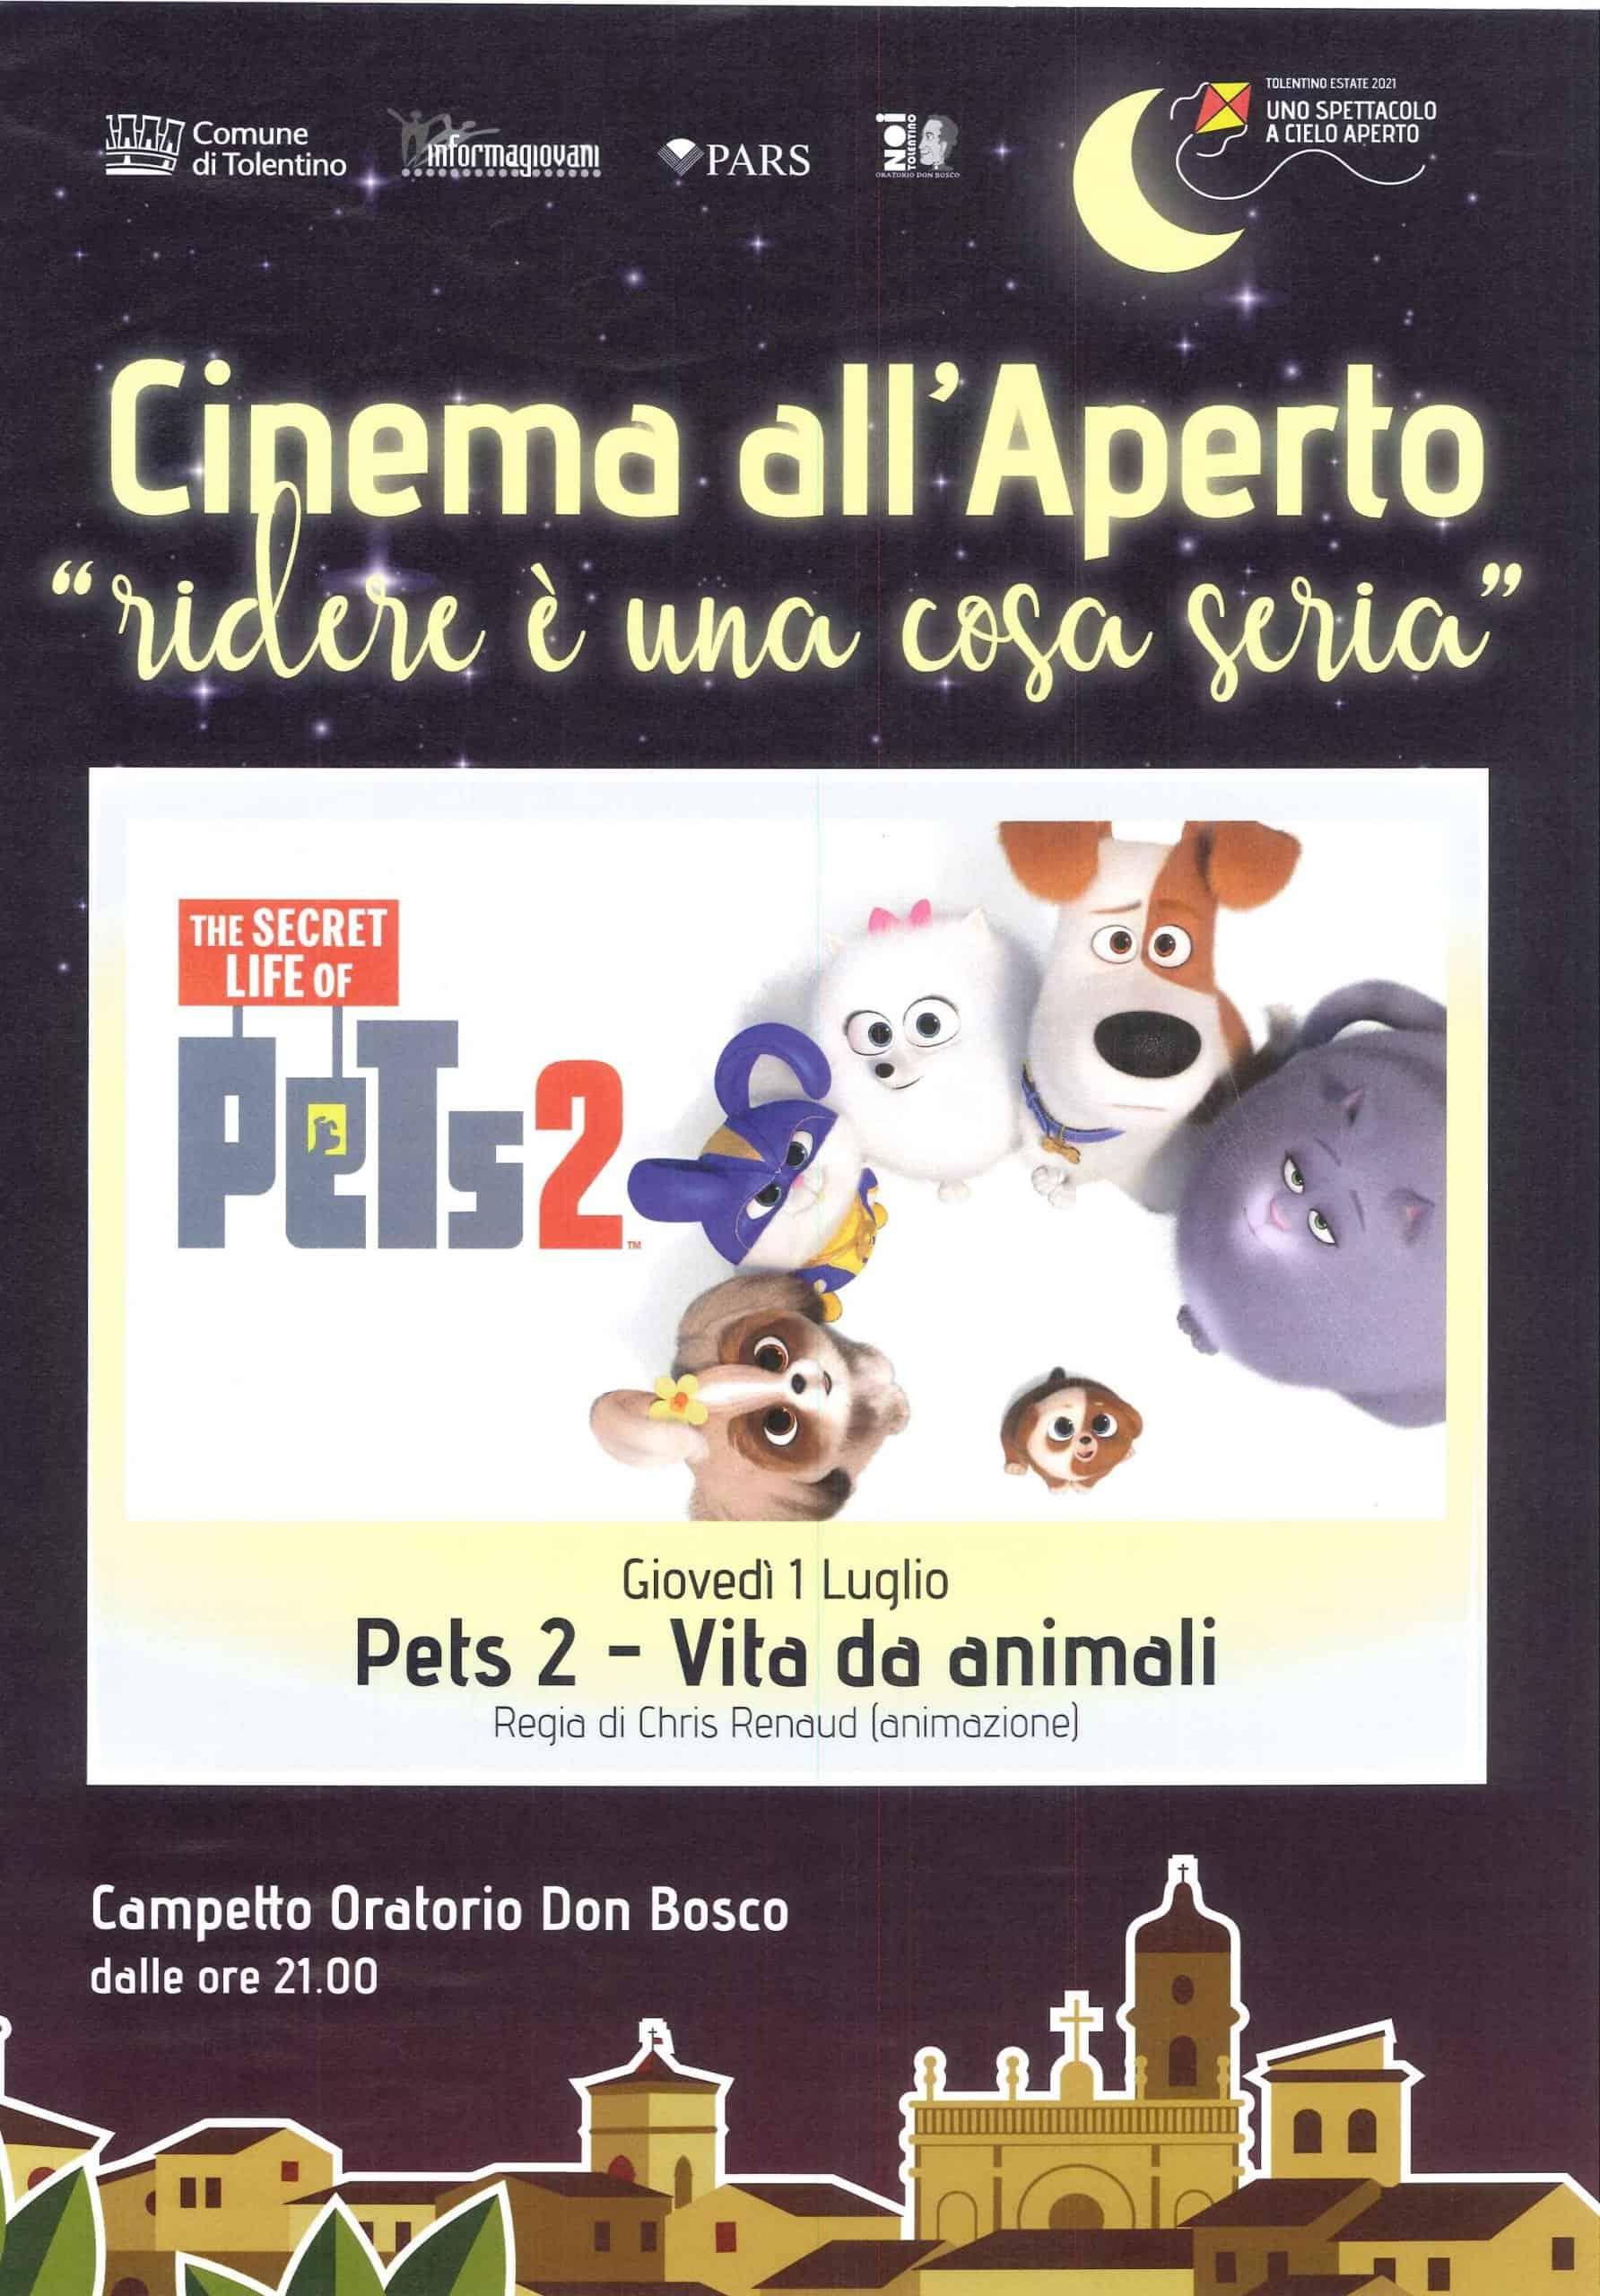 PETS 2 - vita da animali - Cinema all'Aperto